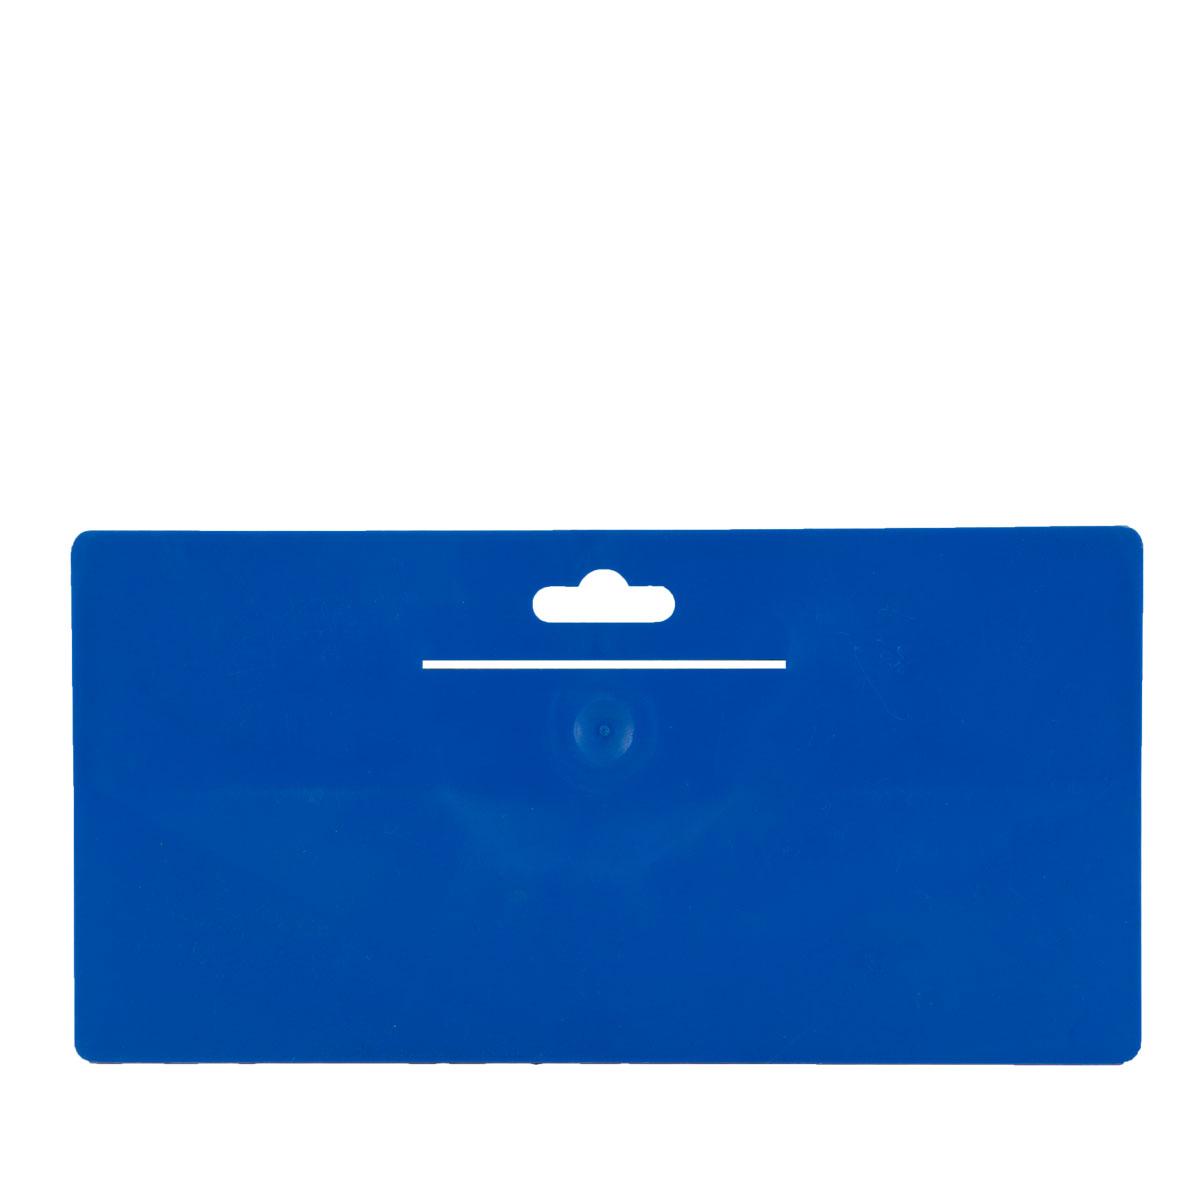 Tapezierspachtel Blau 240x120 mm, Tapeten-Andrückspachtel